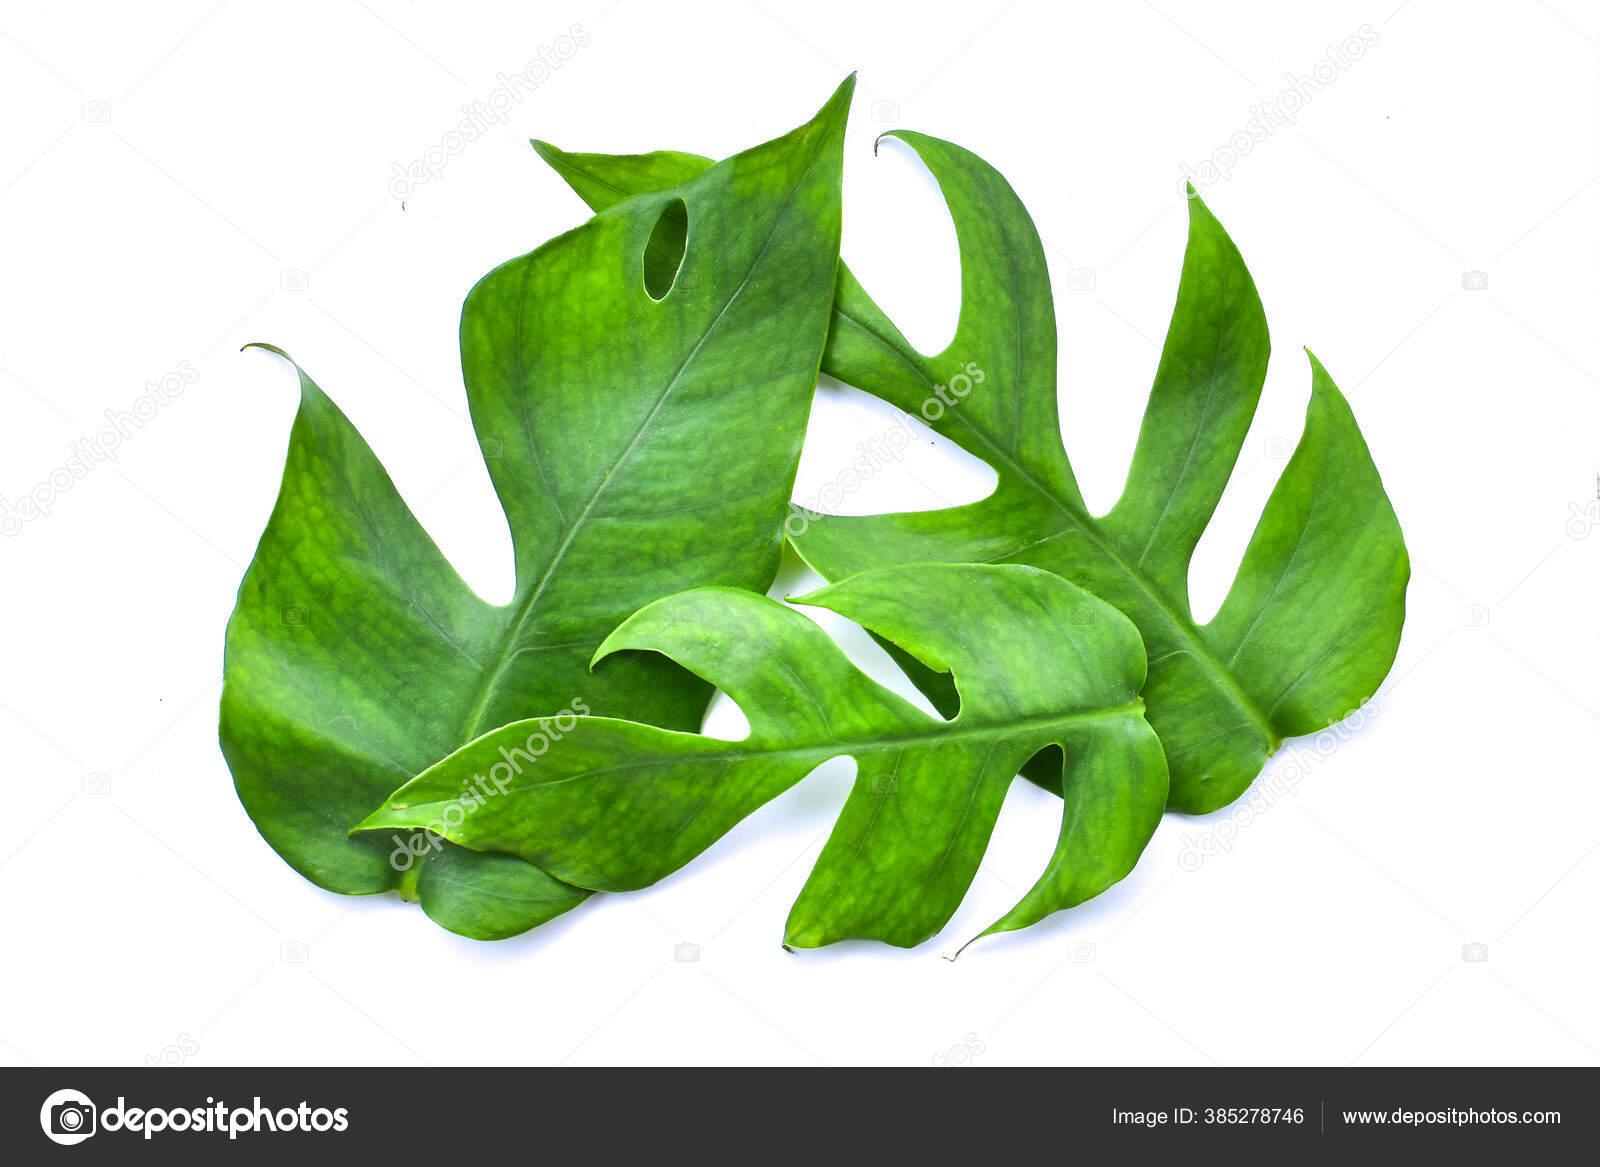 depositphotos 385278746 stock photo monstera leaf isolated white background